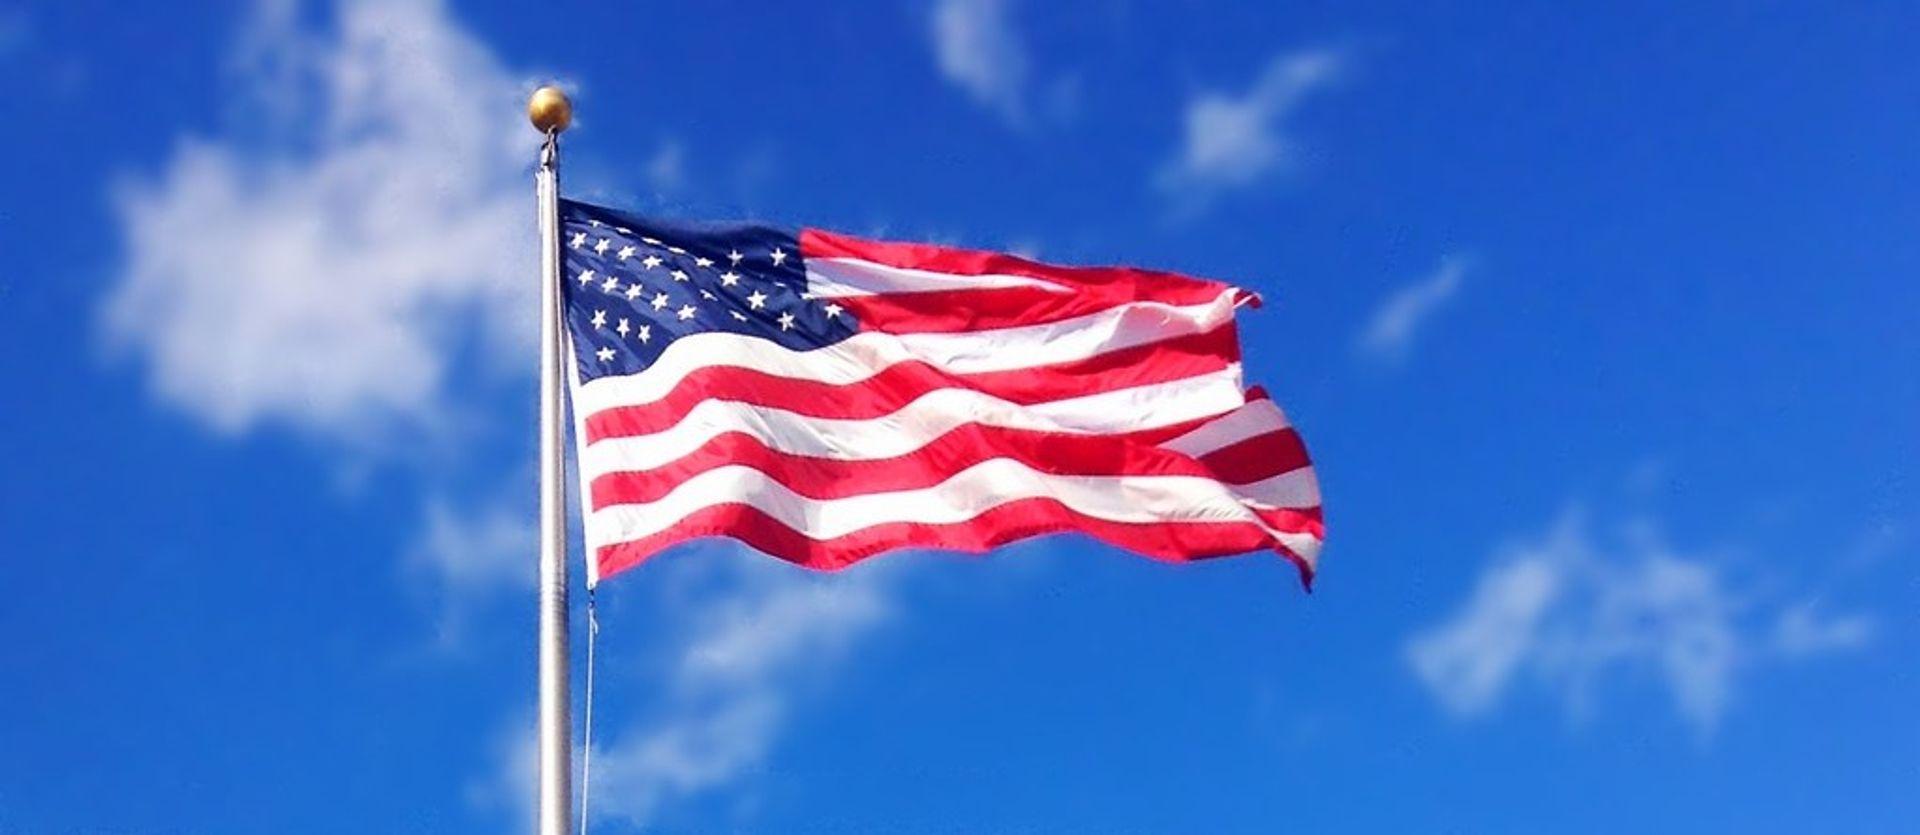 Arkansas Freedom United States